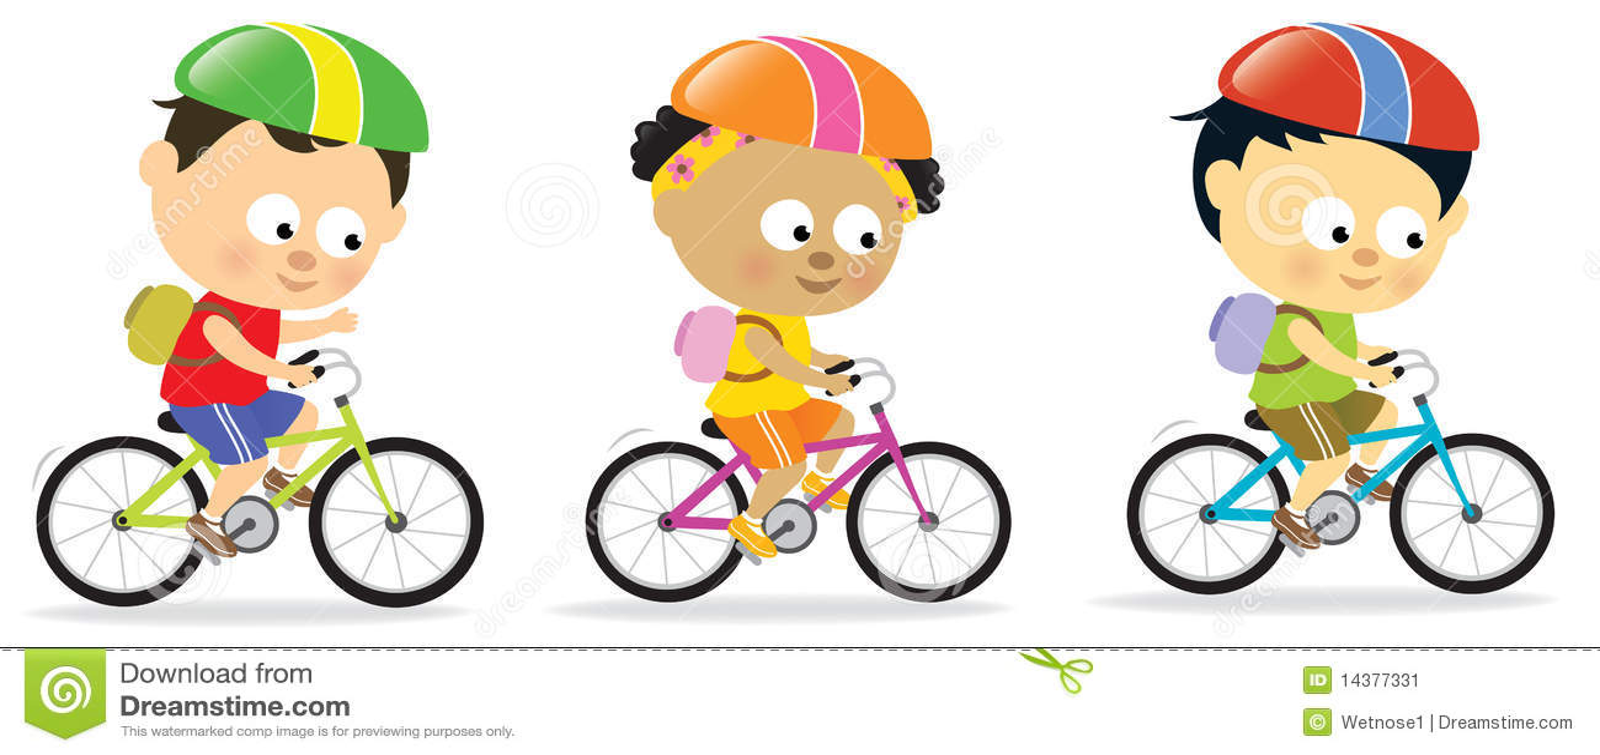 骑自行车儿童另外国籍乘坐.图片